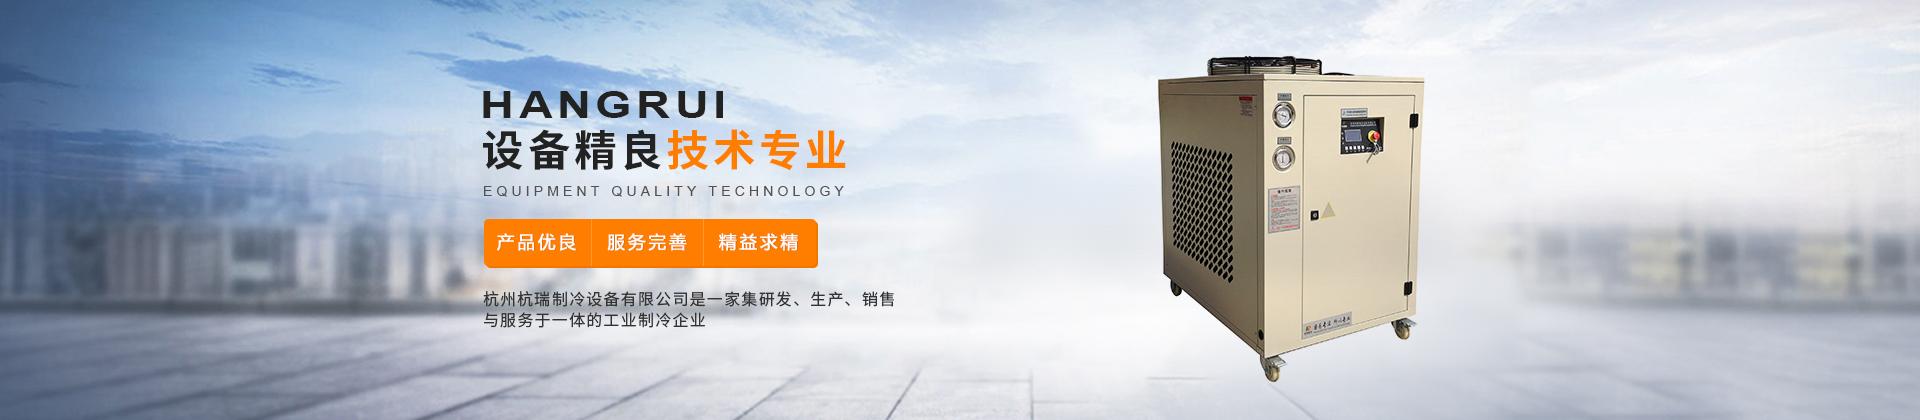 杭州杭瑞制冷設備有限公司